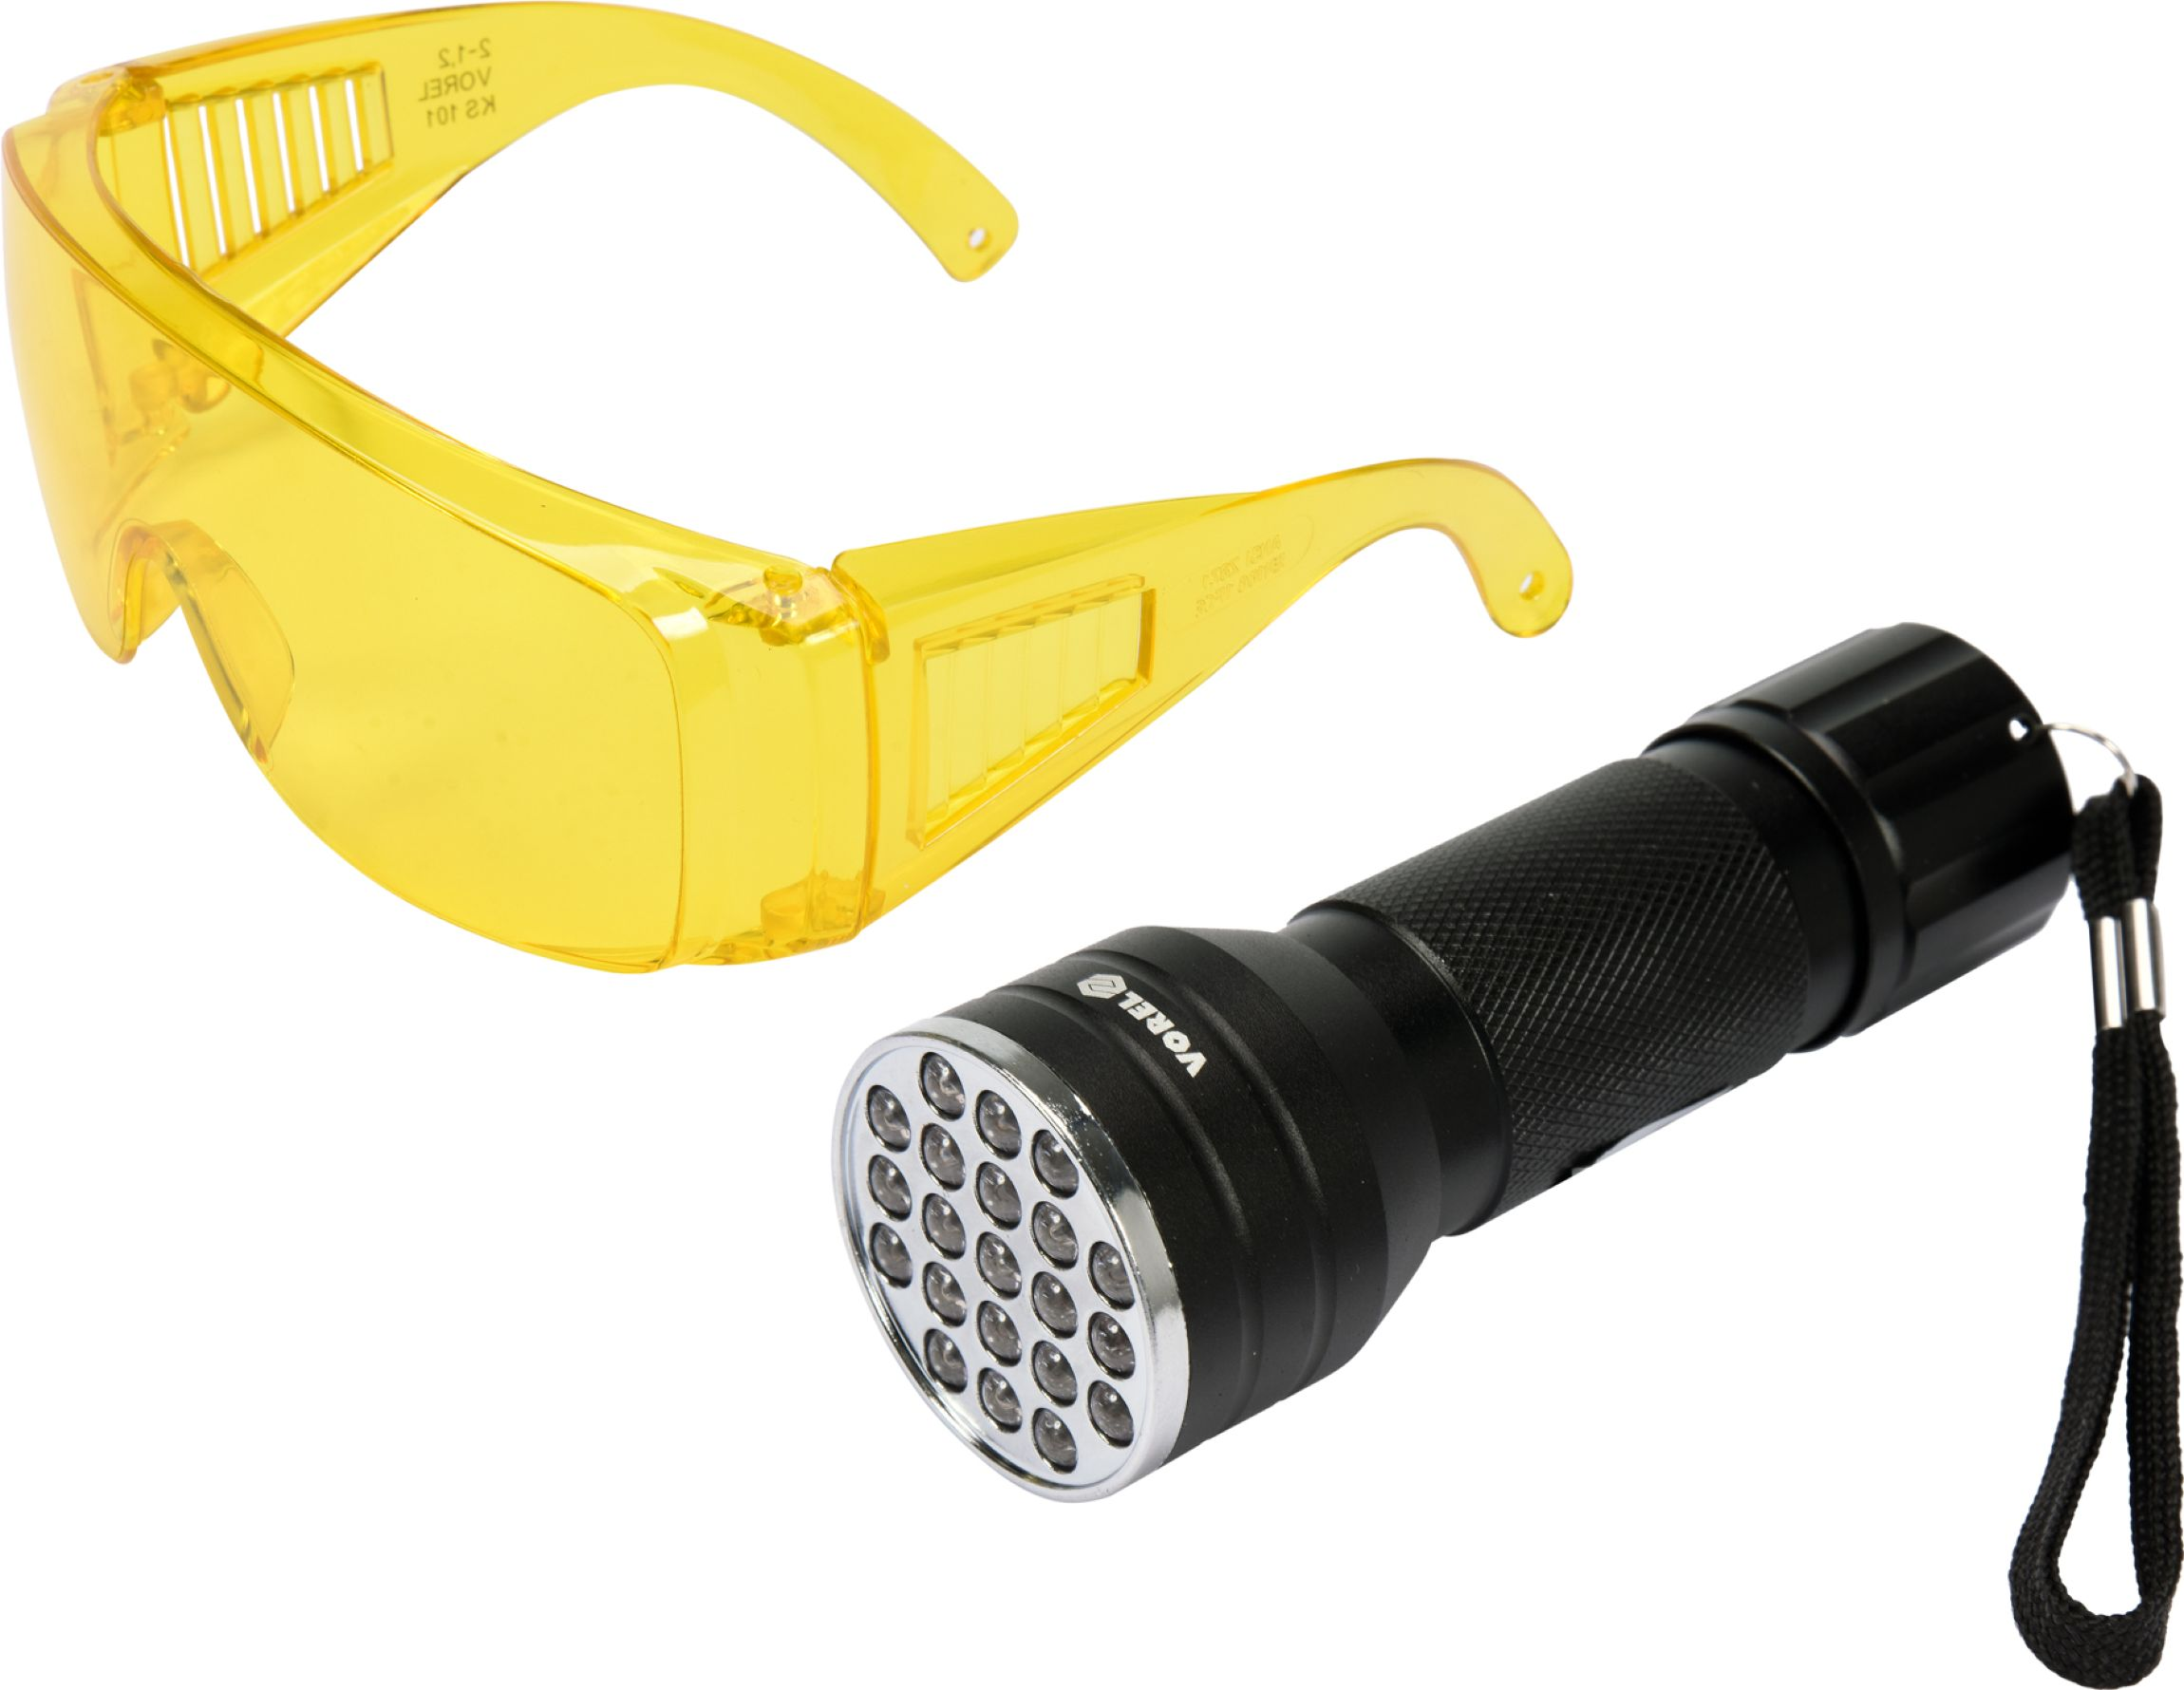 Sada detekční UV svítilny s ochrannými brýlemi